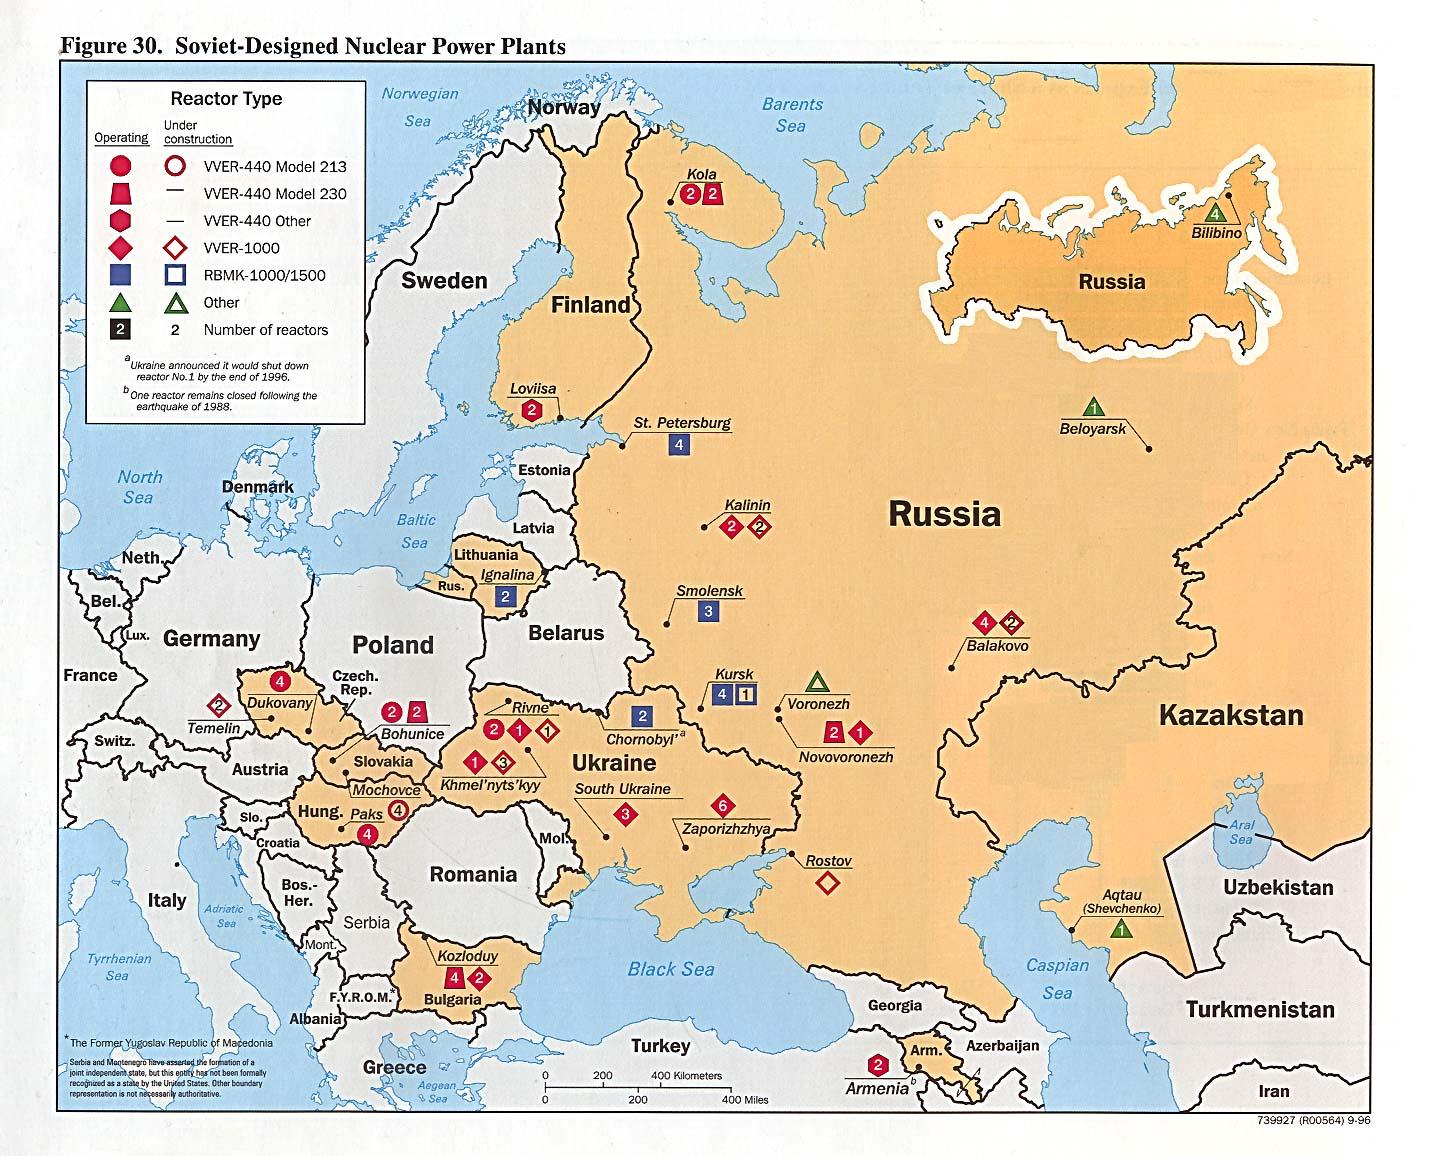 Mapa de Ubicación de las Centrales Nucleares de Diseño Soviético